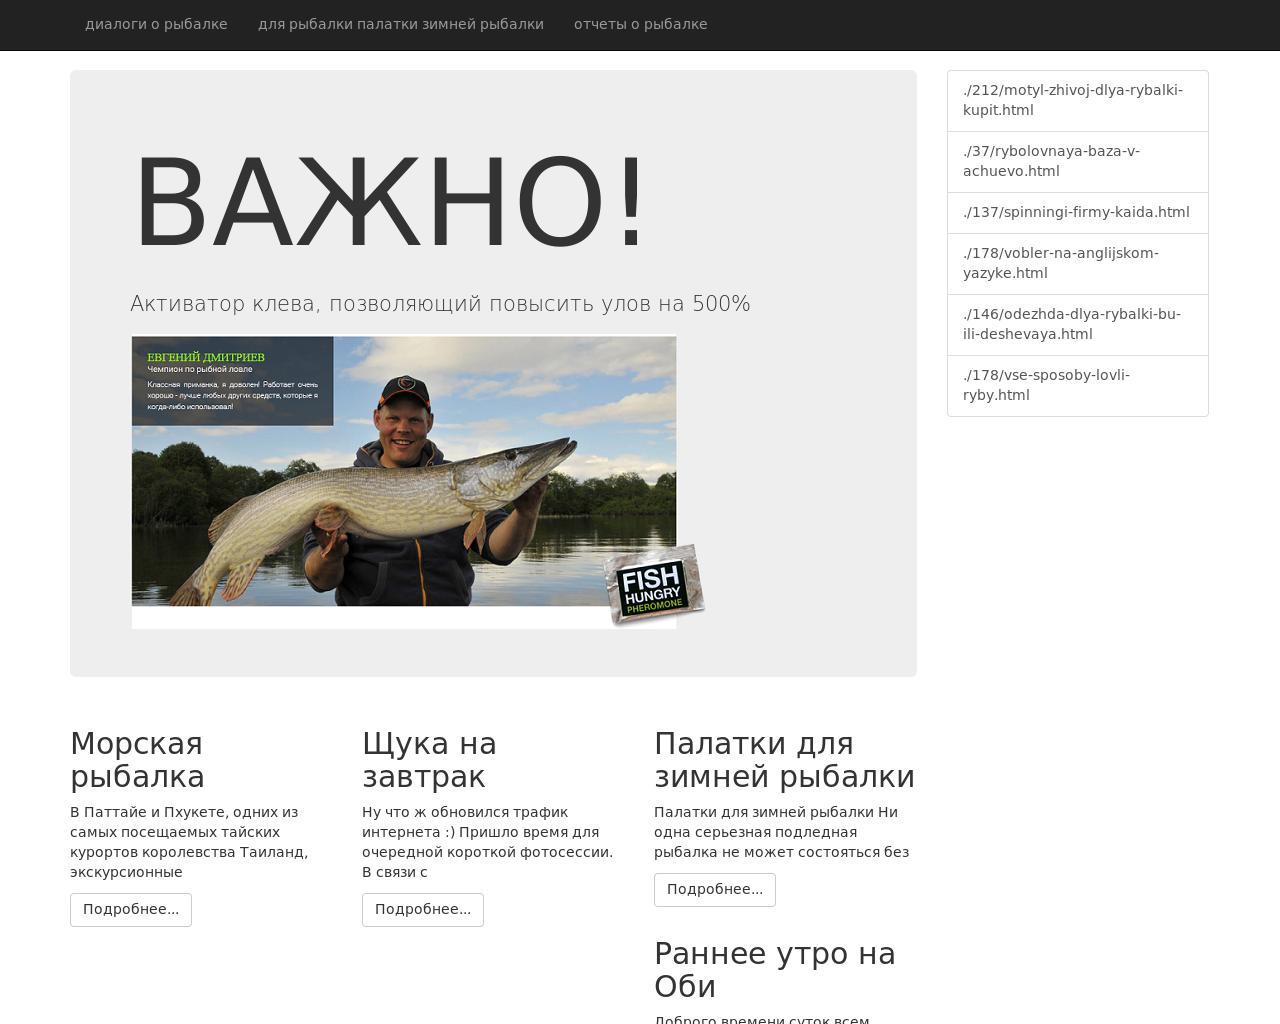 радиостанция вести fm диалоги о рыбалке архив